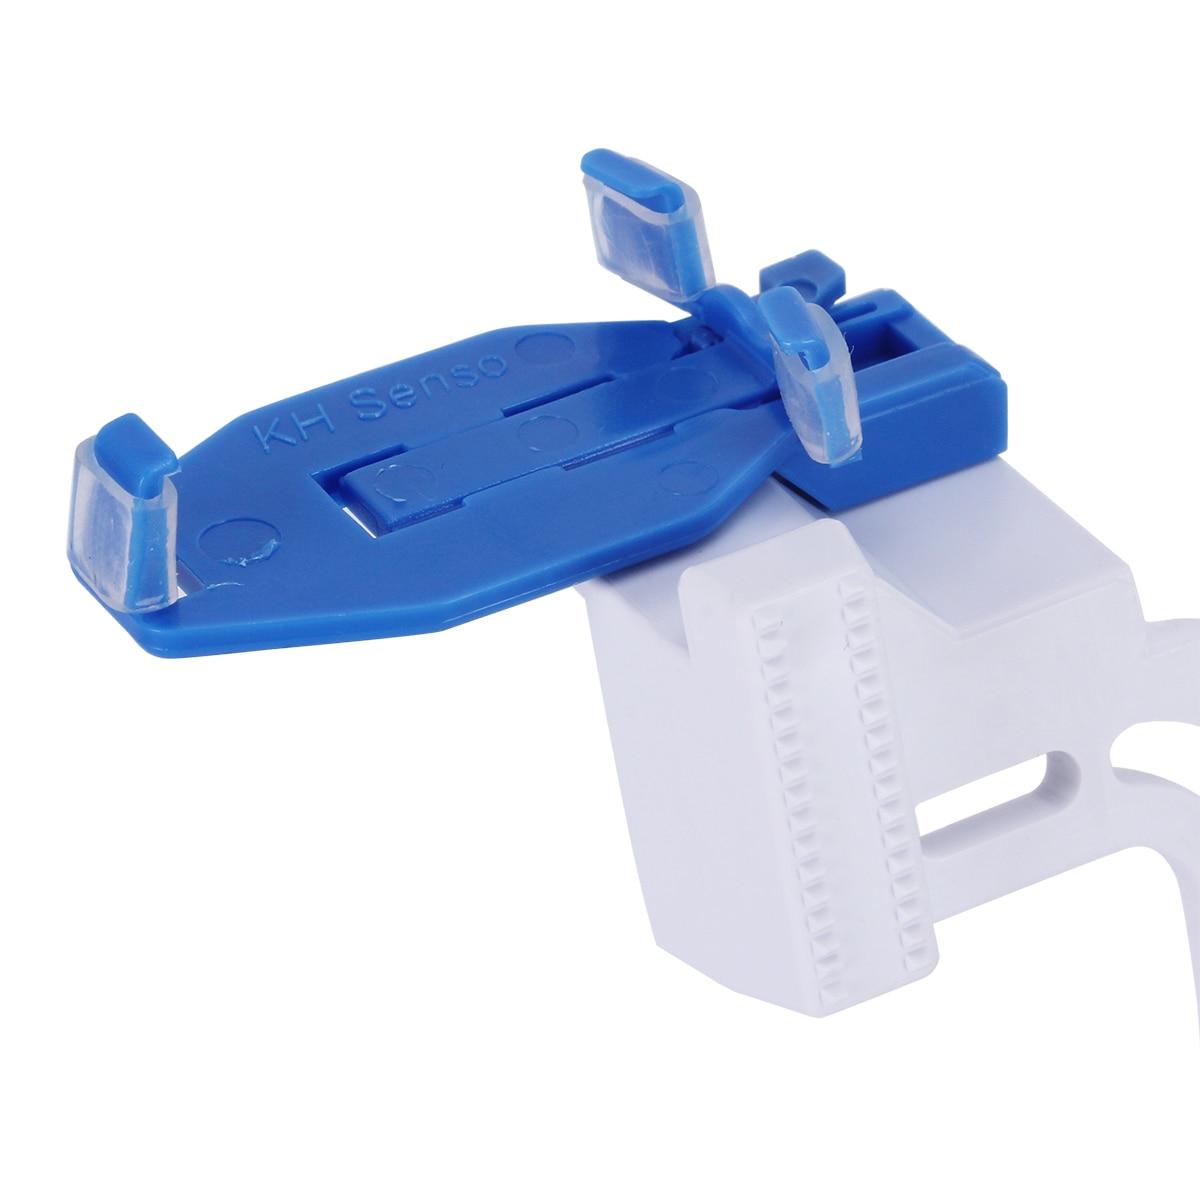 Azdent x-ray sensor titular positioner dental intra